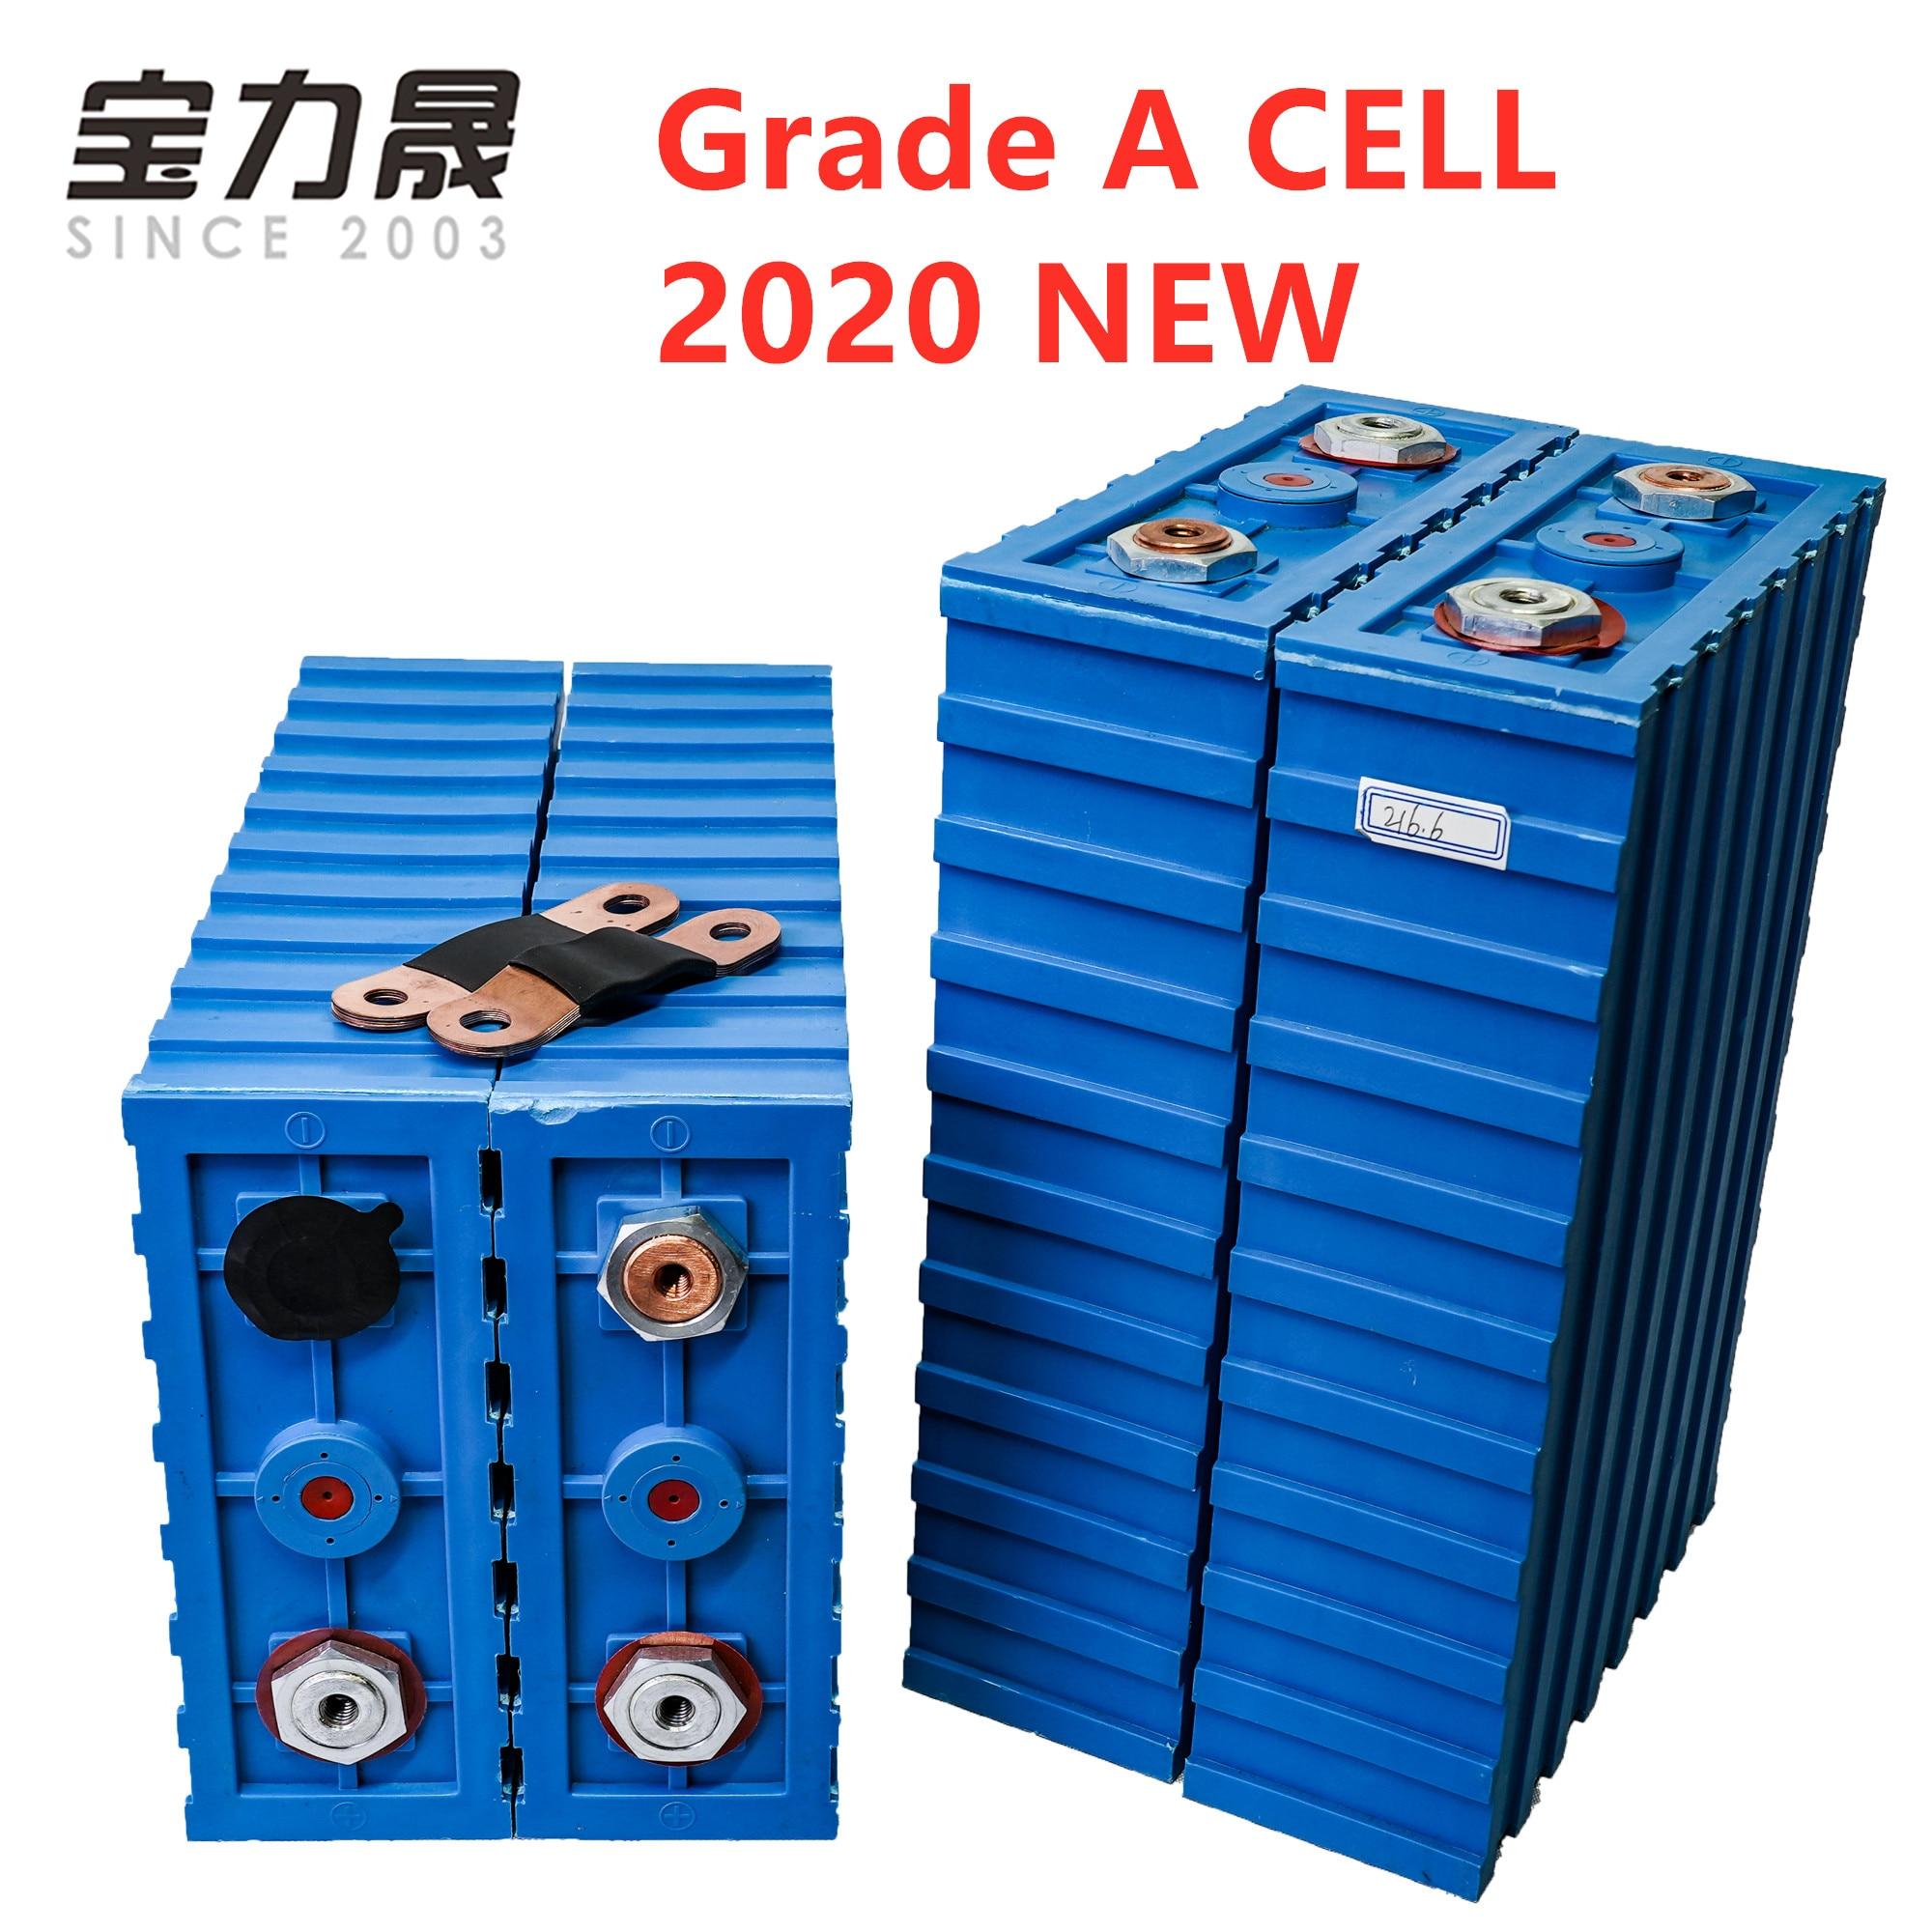 GRADE A LiFePO4 Batteries rechargeables 3.2V200ah cellule 2020 nouveau CALB SE200FI plastique 12v24V pour pack EV solaire US ue AU sans taxe